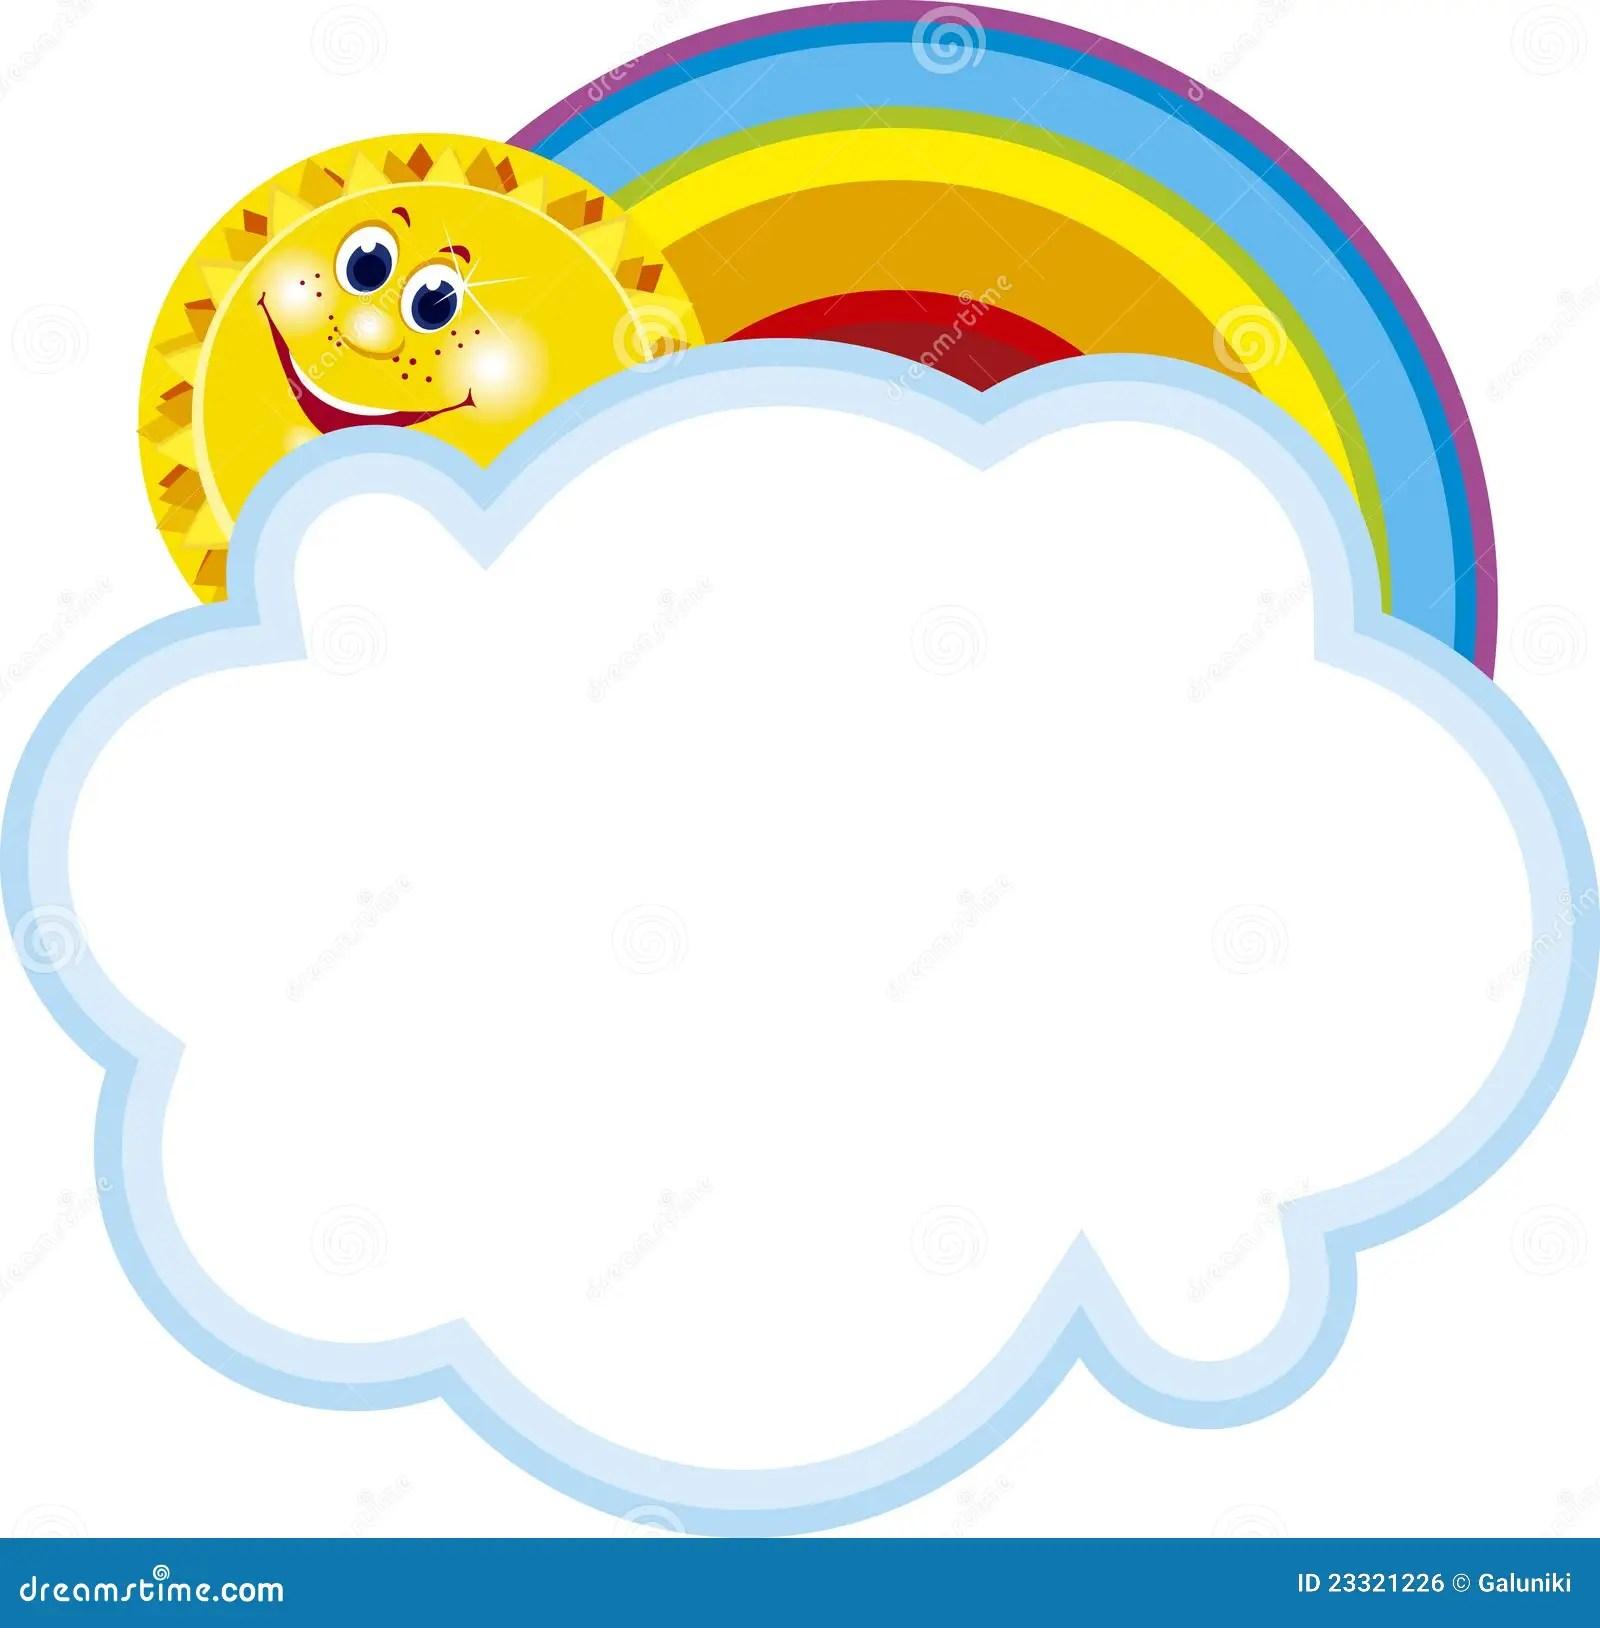 And Sun Clip Art Rainbow